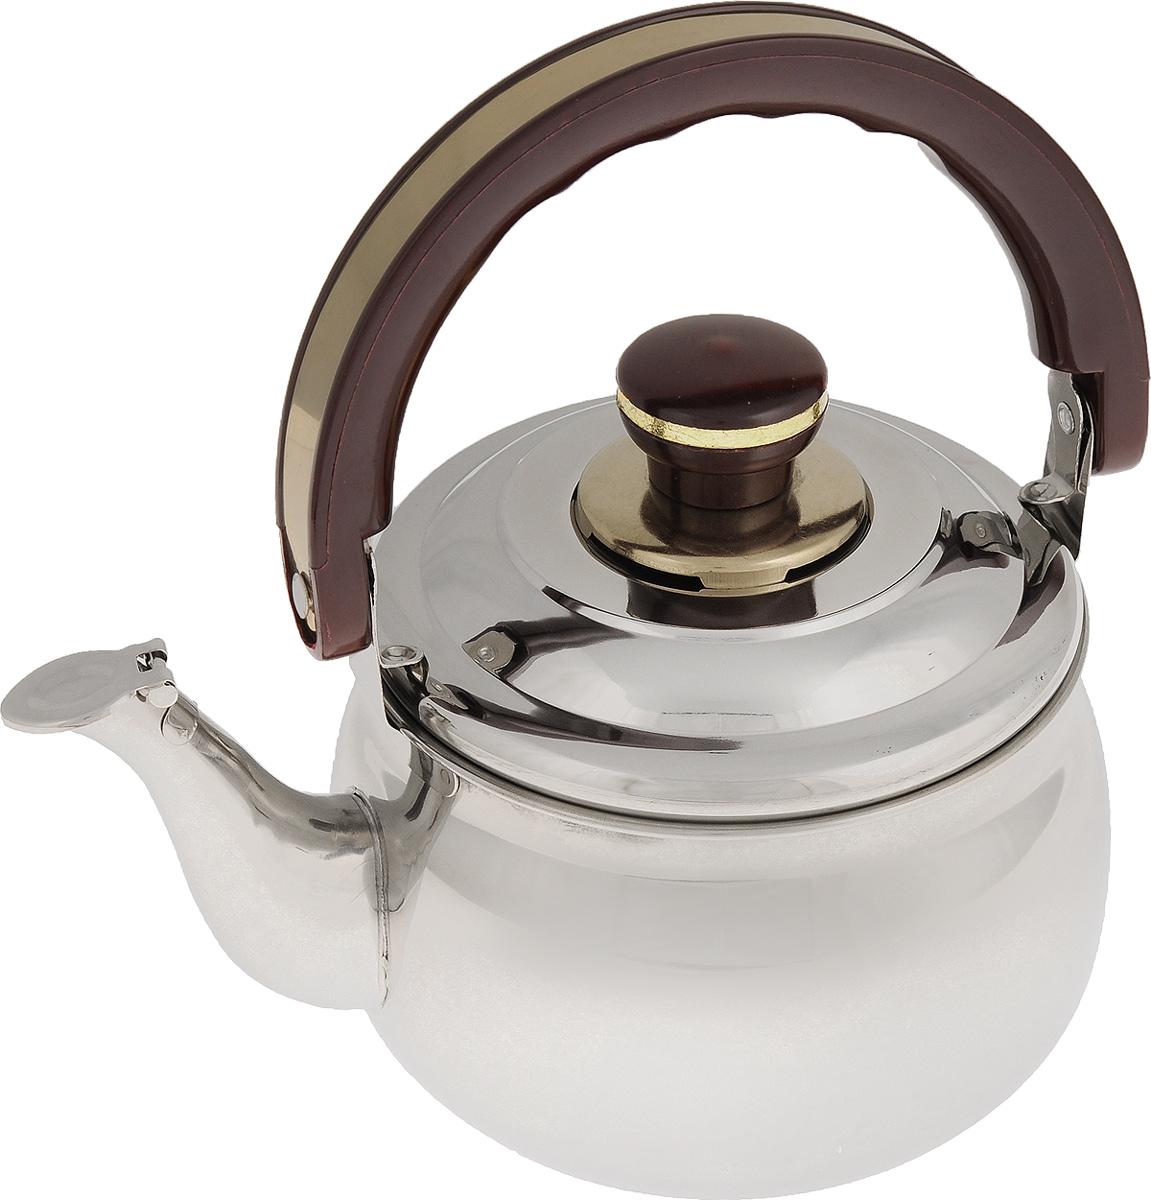 Чайник Mayer & Boch, со свистком, 1,5 л. 77817781Чайник Mayer & Boch изготовлен из высококачественной нержавеющей стали с зеркальной полировкой. Нержавеющая сталь не окисляется и не впитывает запахи, поэтому напитки всегда будут ароматными и иметь натуральный вкус. Капсулированное дно с прослойкой из алюминия обеспечивает наилучшее распределение тепла.Крышка чайника оснащена свистком, что позволит контролировать процесс подогрева или кипячения воды. Подвижная бакелитовая ручка имеет эргономичную форму, обеспечивая дополнительное удобство при разлитии напитка. Широкое верхнее отверстие поможет удобно налить воду.Чайник подходит для использования на электрических, газовых, стеклокерамических плитах. Можно мыть в посудомоечной машине.Диаметр чайника (по верхнему краю): 13,5 см.Высота чайника (без учета ручки и крышки): 9,5 см.